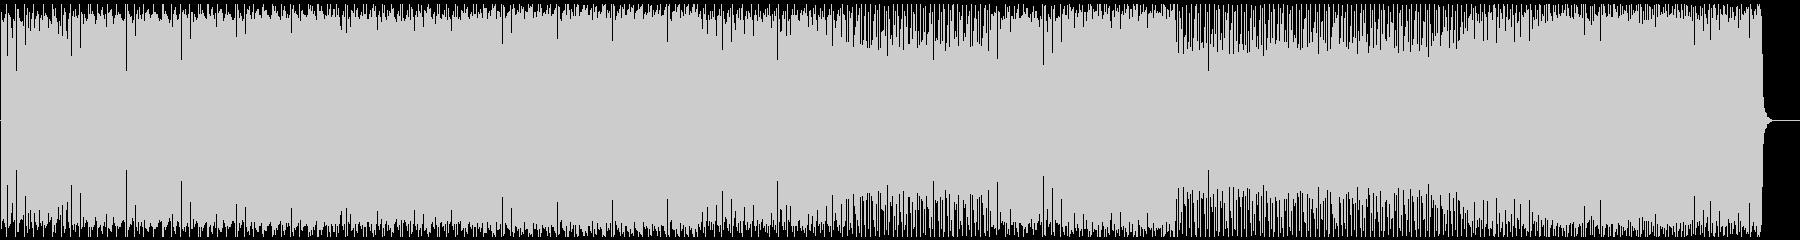 タイトなドラム&シンプルなリフ ハウスの未再生の波形